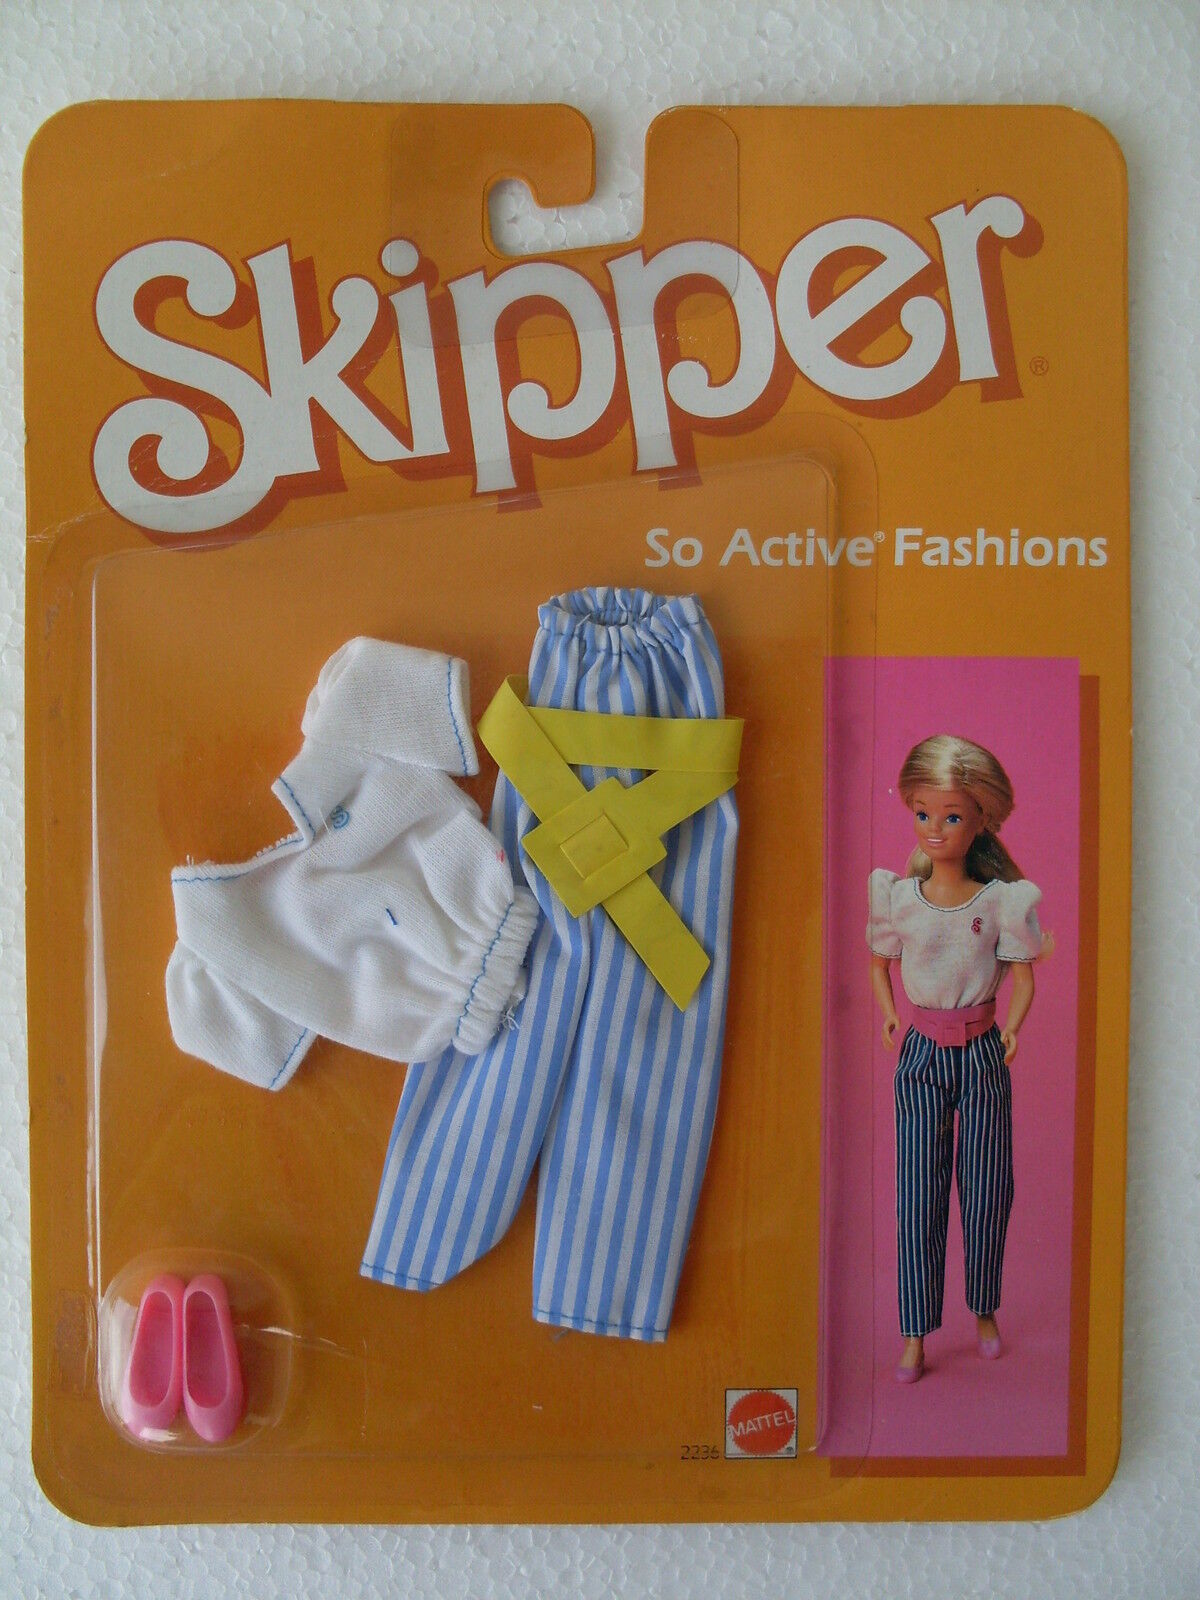 skipper abiti tempo libero vestiti dress doll doll doll active fashions s 2018 NRFB 2236 3a2355